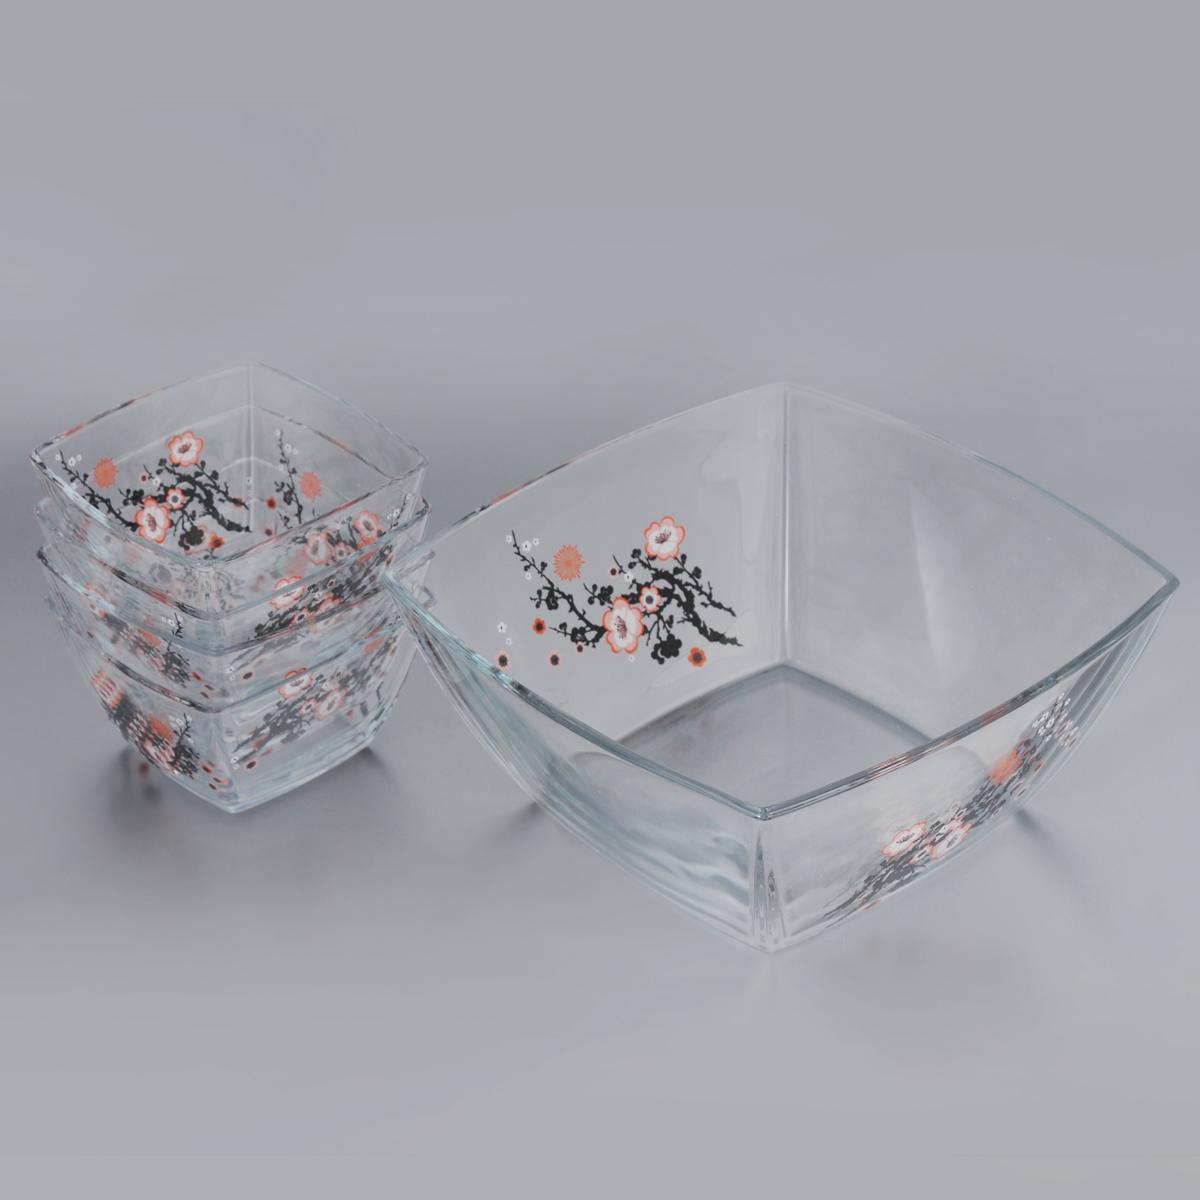 Набор салатников Pasabahce Workshop Сакура, 5 предметов95160BD_бежевыйНабор Сакура, выполненный из высококачественного стекла и декорированный изящным изображением веток сакуры, состоит из одного большого салатника и четырех маленьких салатников. Квадратные салатники прекрасно подойдут для сервировки стола и станут достойным оформлением для ваших любимых блюд. Изящный дизайн, высокое качество и функциональность набора Сакура позволят ему стать достойным дополнением к вашему кухонному инвентарю. Не рекомендуется использовать в микроволновой печи. Можно мыть в посудомоечной машине без использования абразивных средств, а также хранить в холодильнике. Комплектация: 5 шт. Размер маленького салатника: 12,5 см х 12,5 см х 7 см. Размер большого салатника: 24 см х 24 см х 10,5 см.